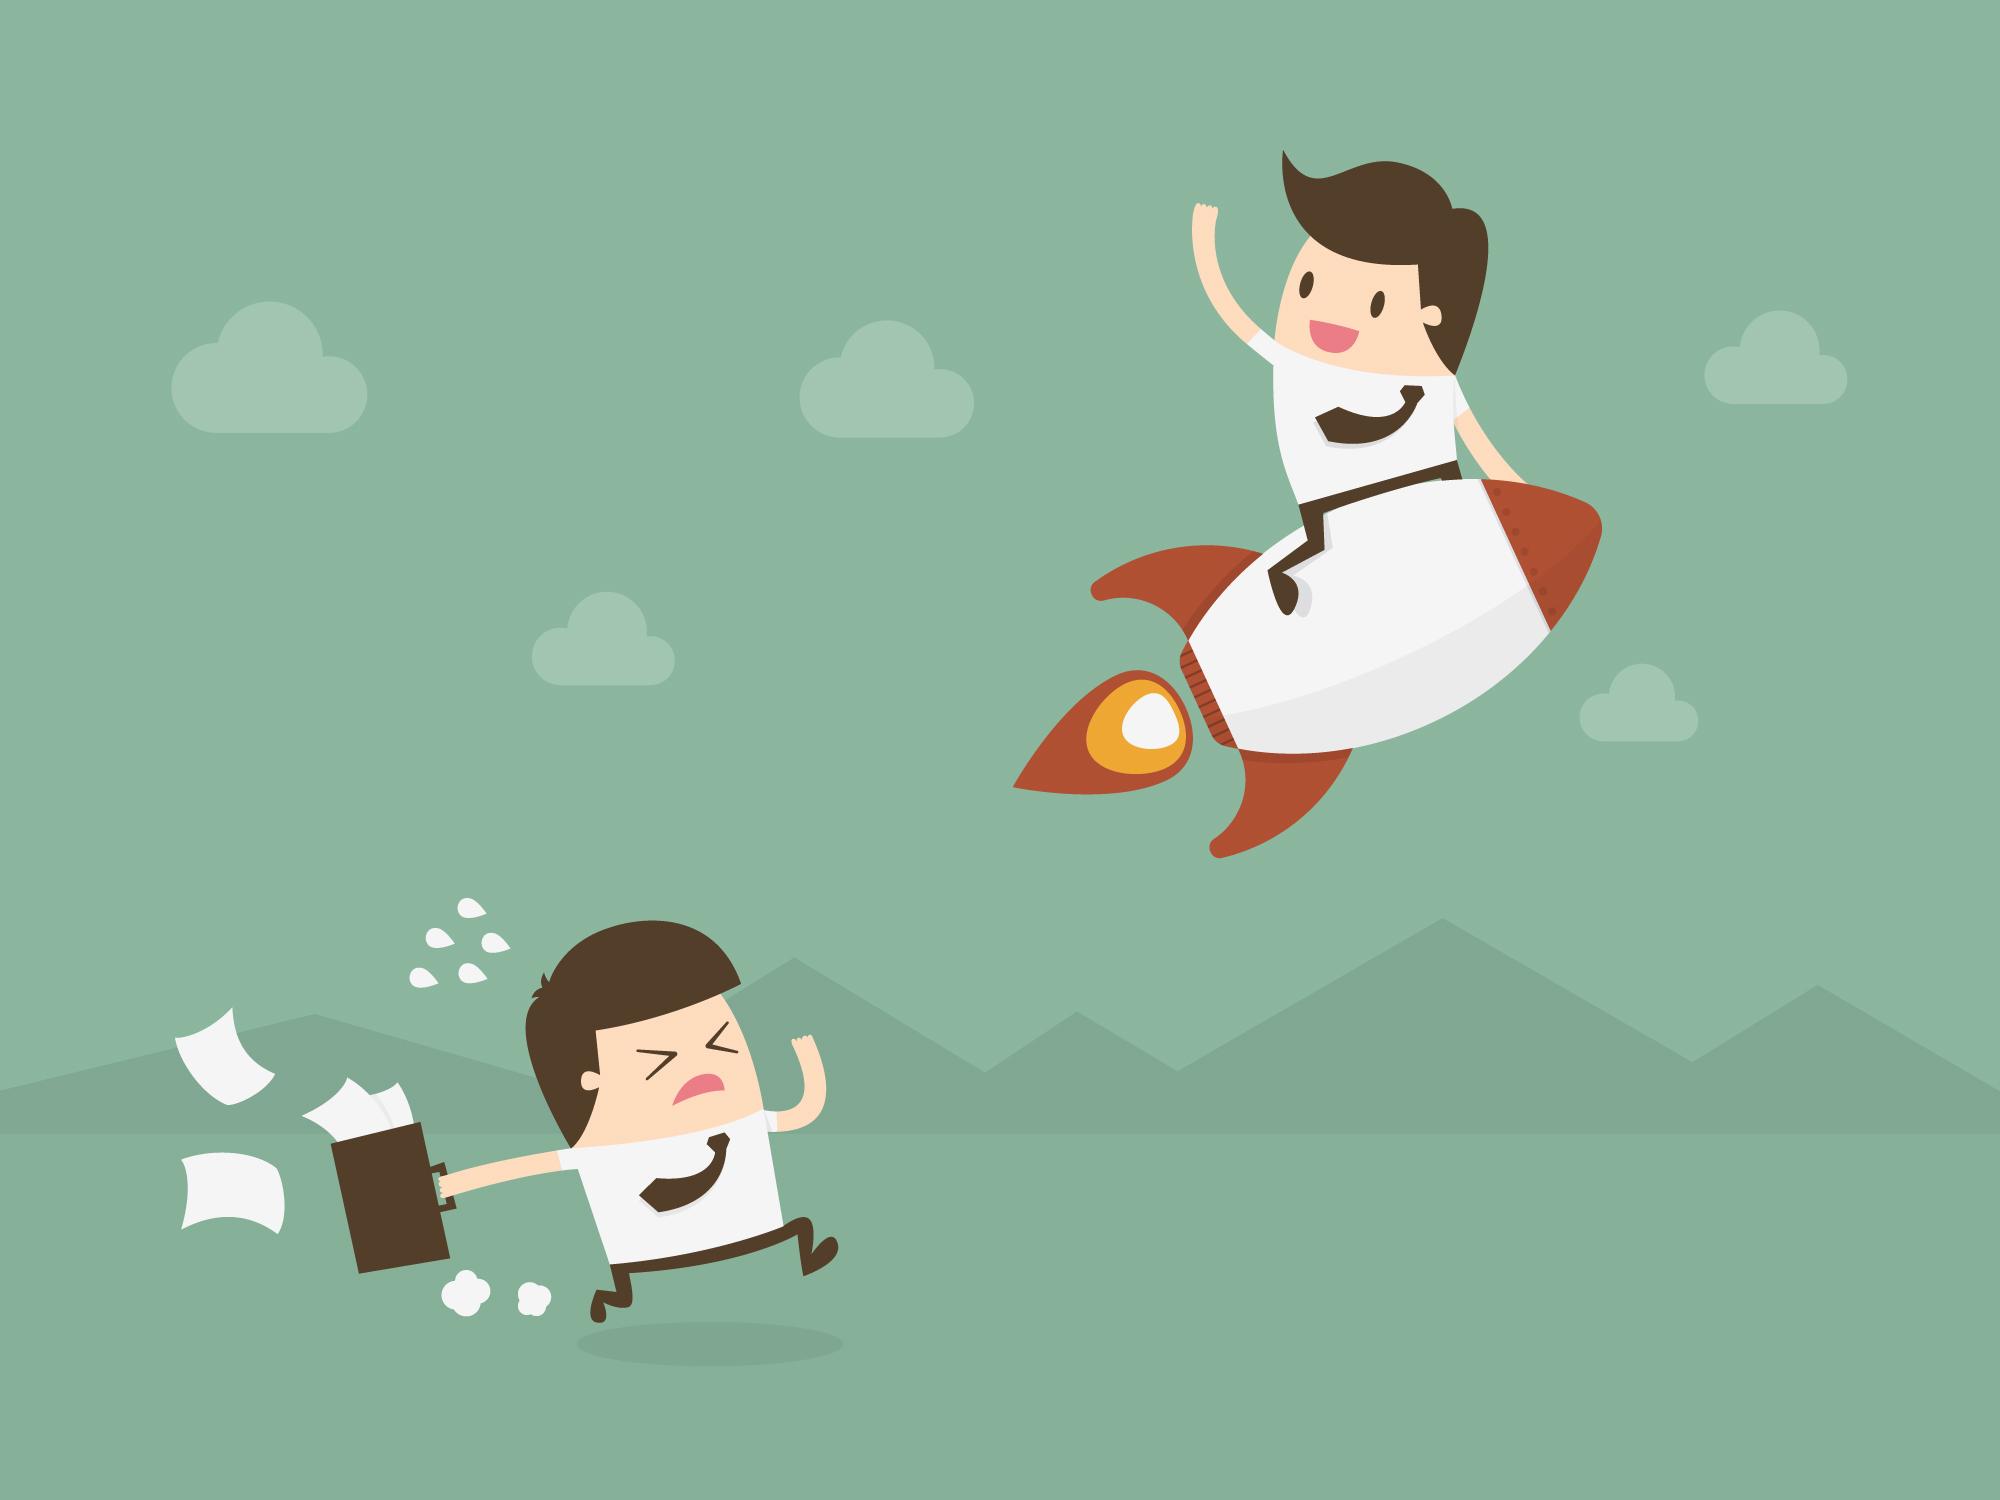 analiza las acciones seo de tu competencia